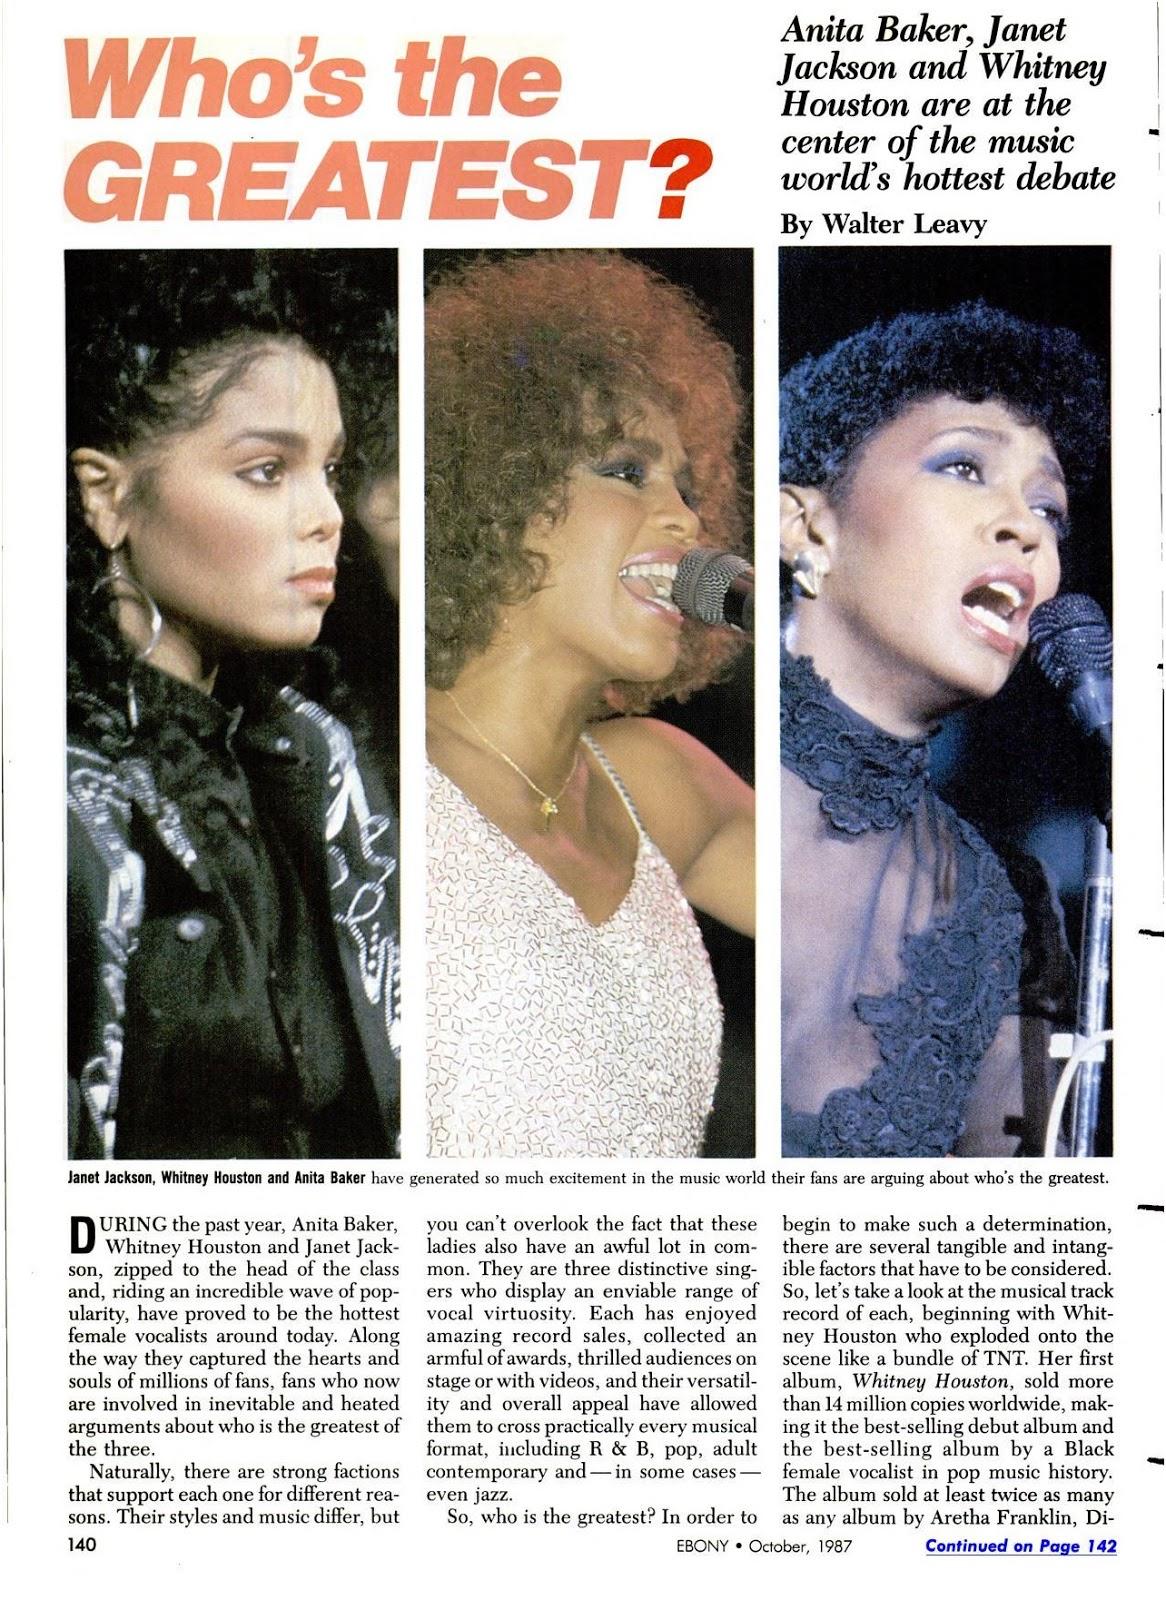 Top Of The Pops 80s Janet Jackson Whitney Houston Anita Baker